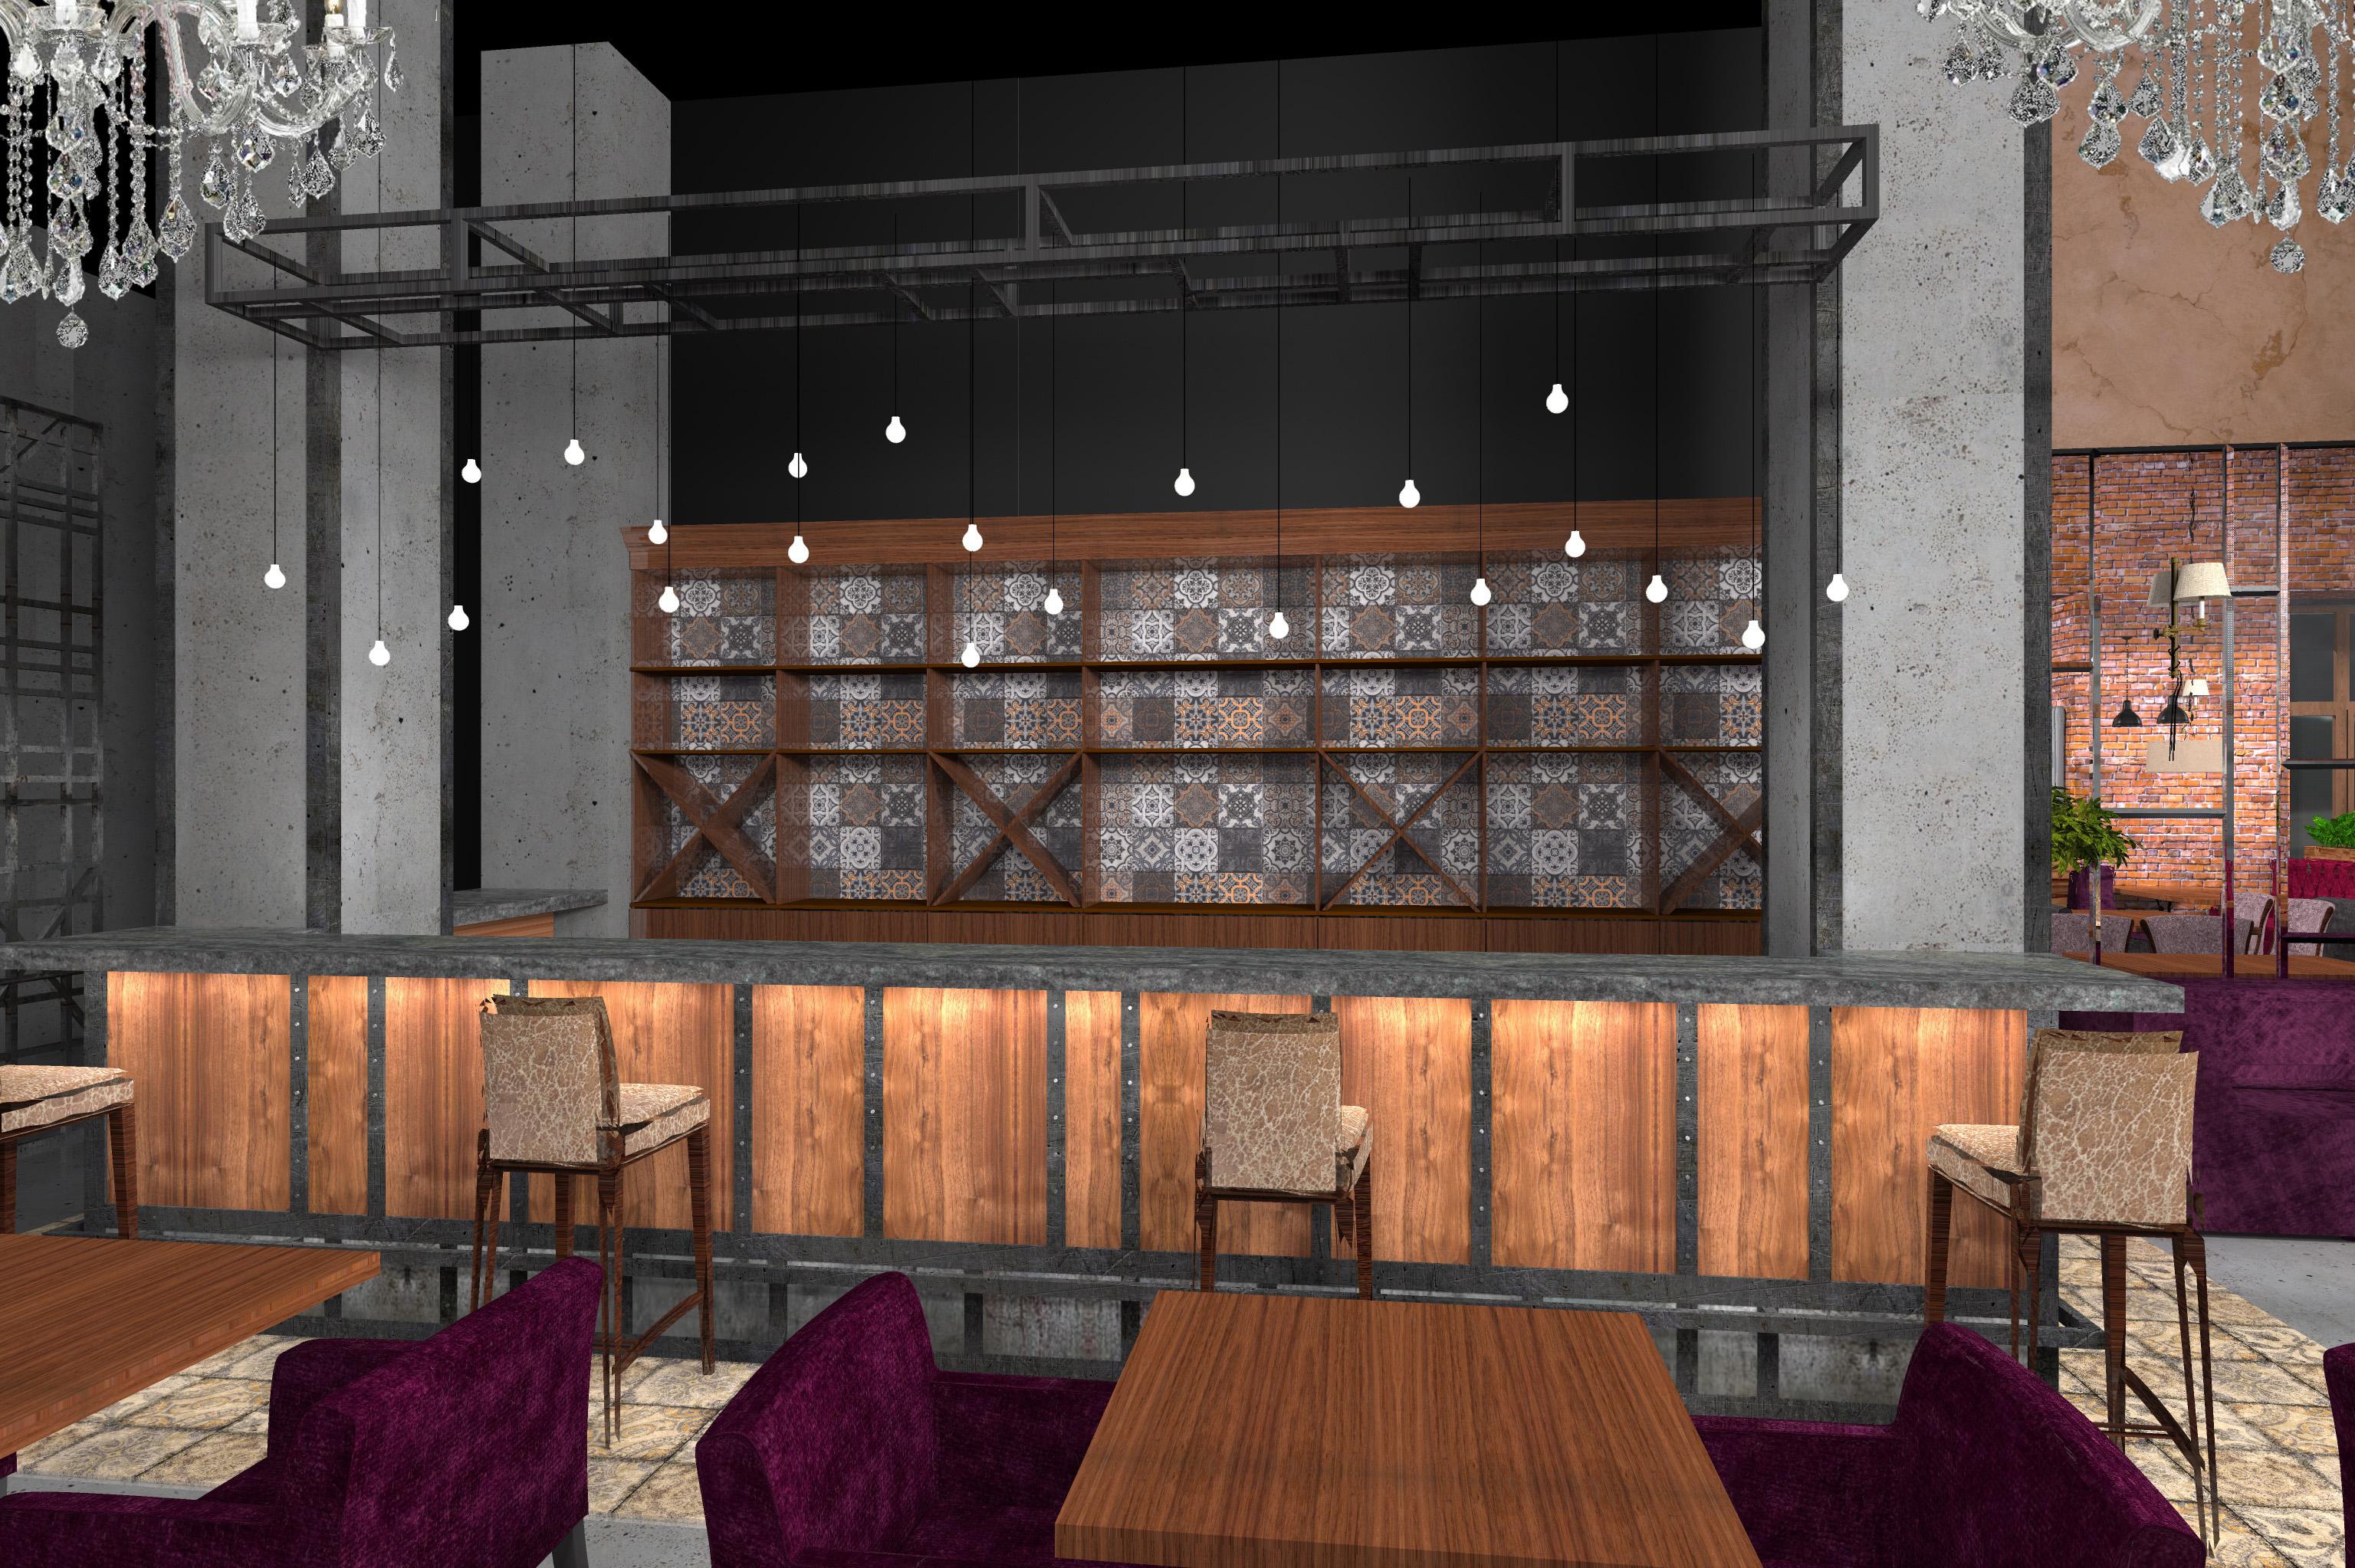 Ресторан - барная стойка